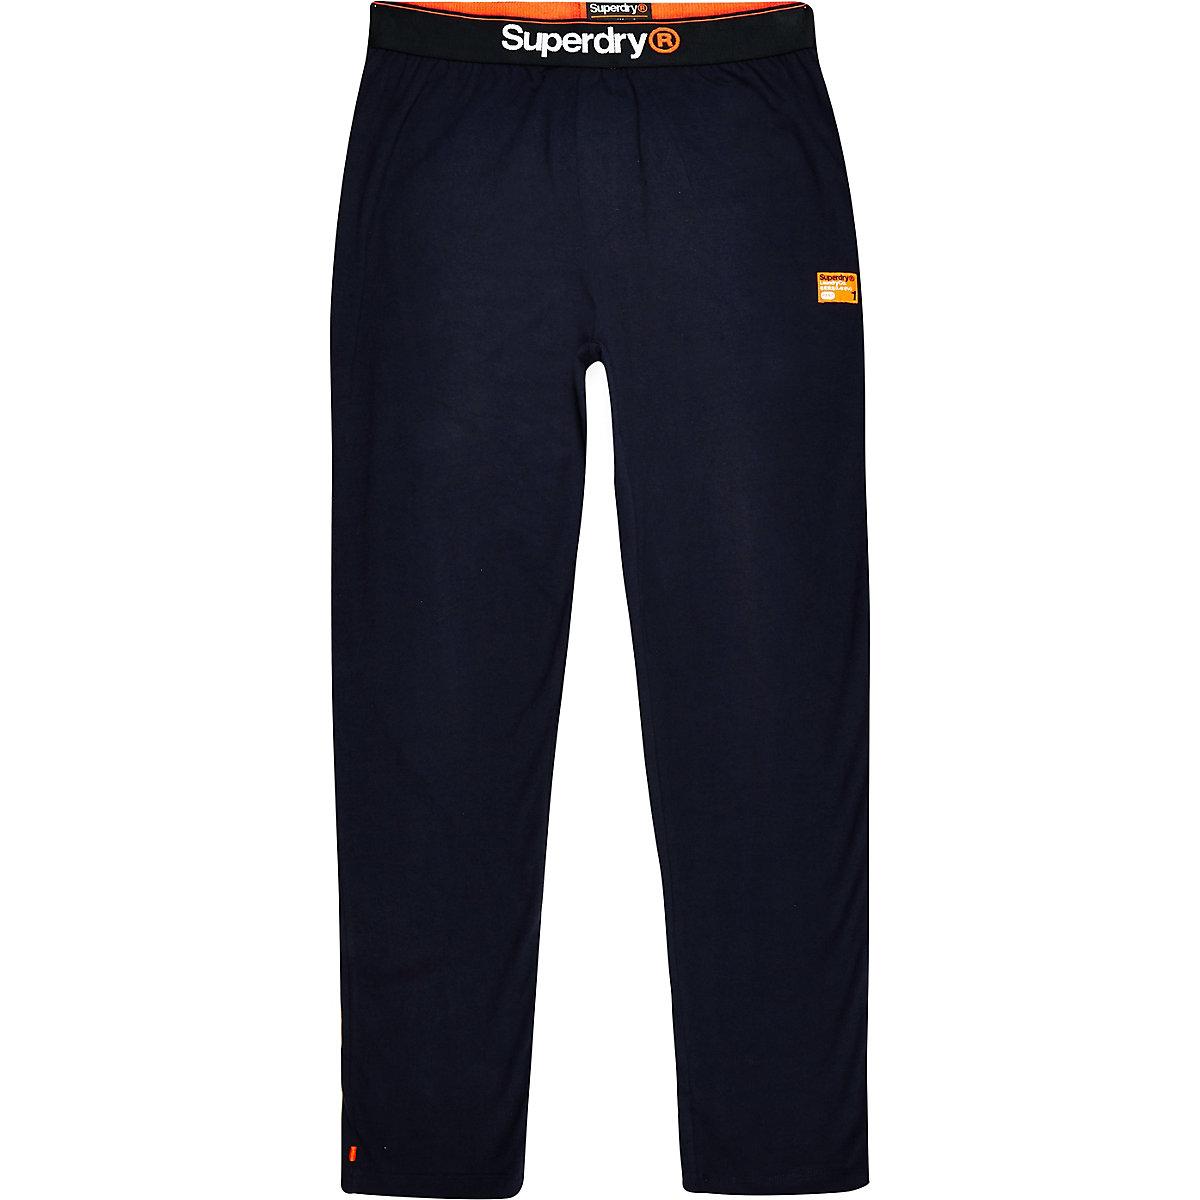 Superdry navy loungewear pants